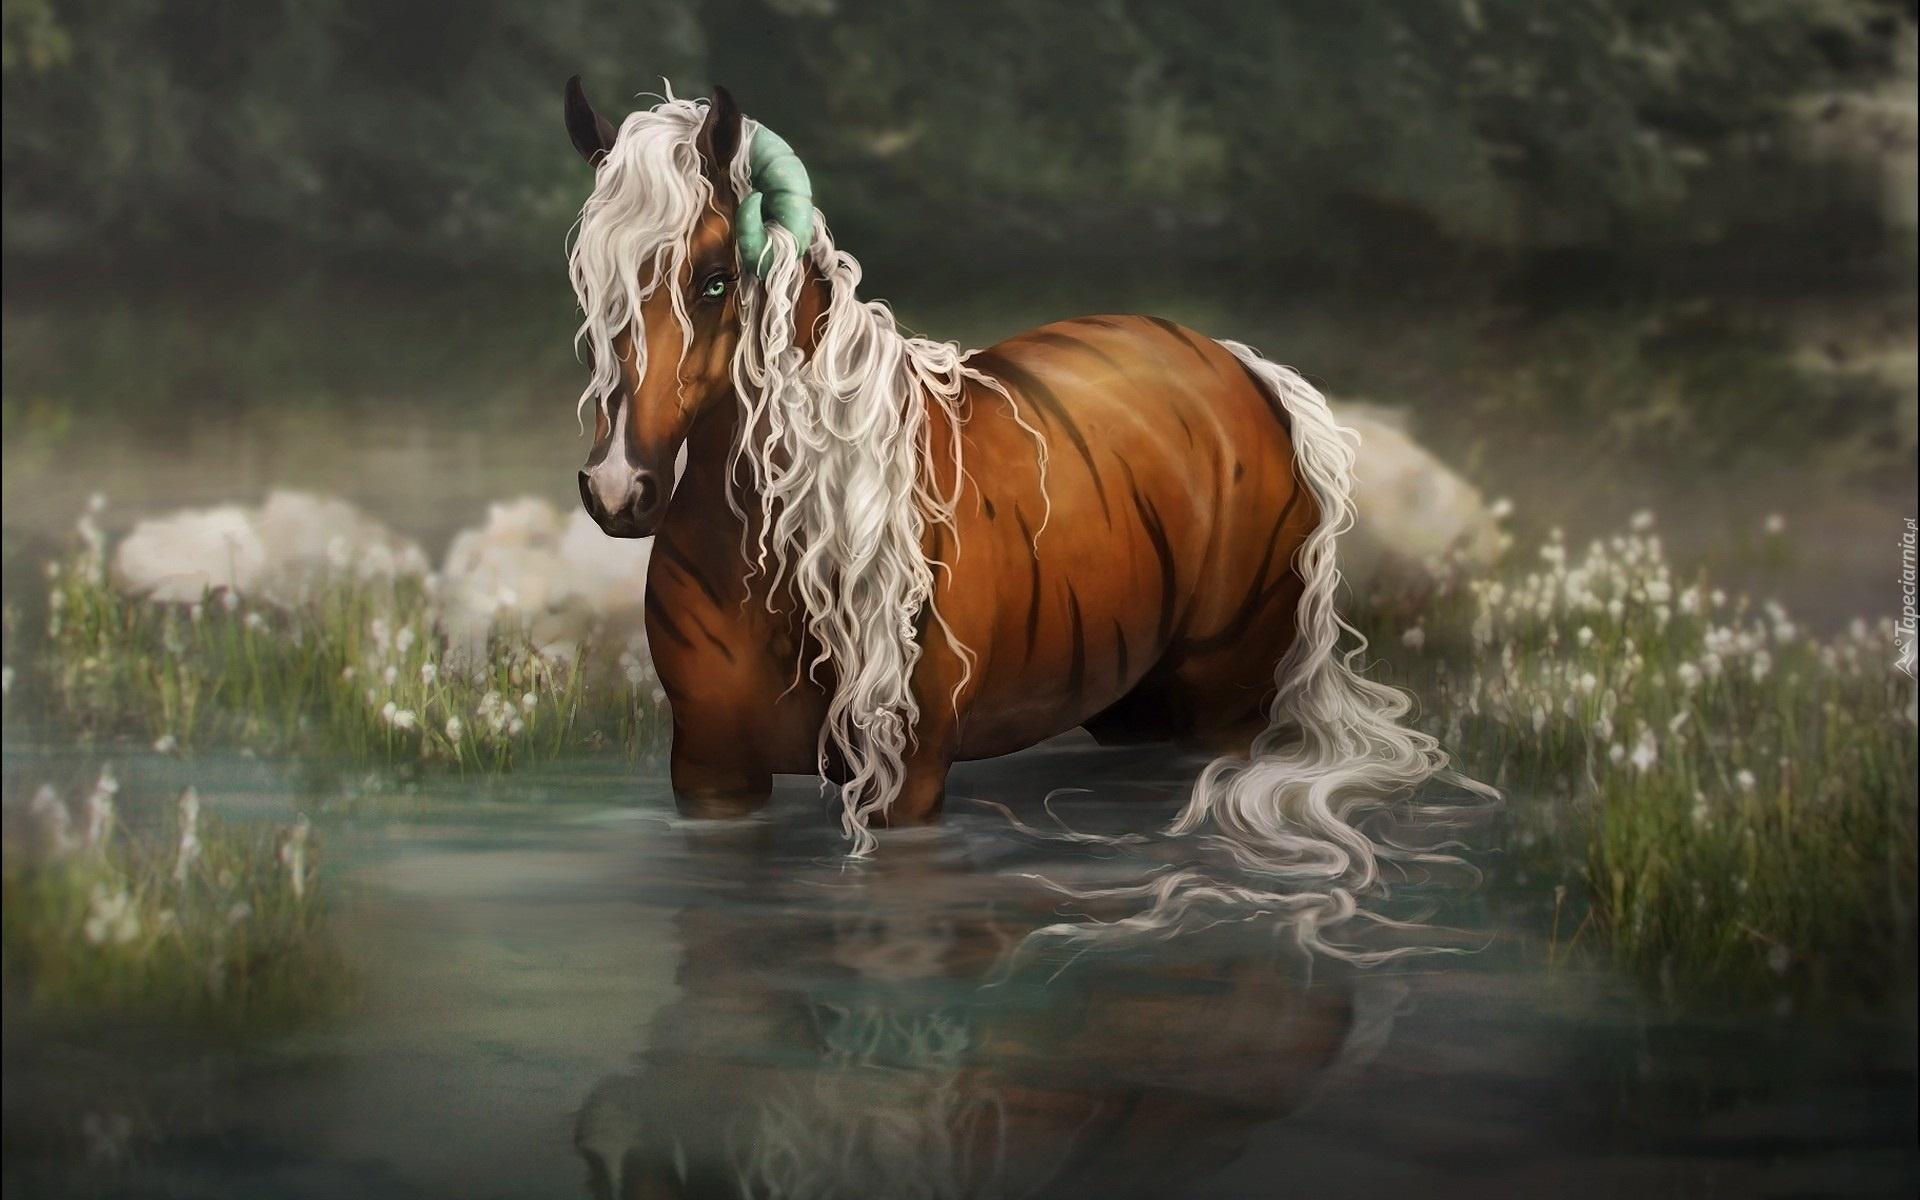 hd фото лошади